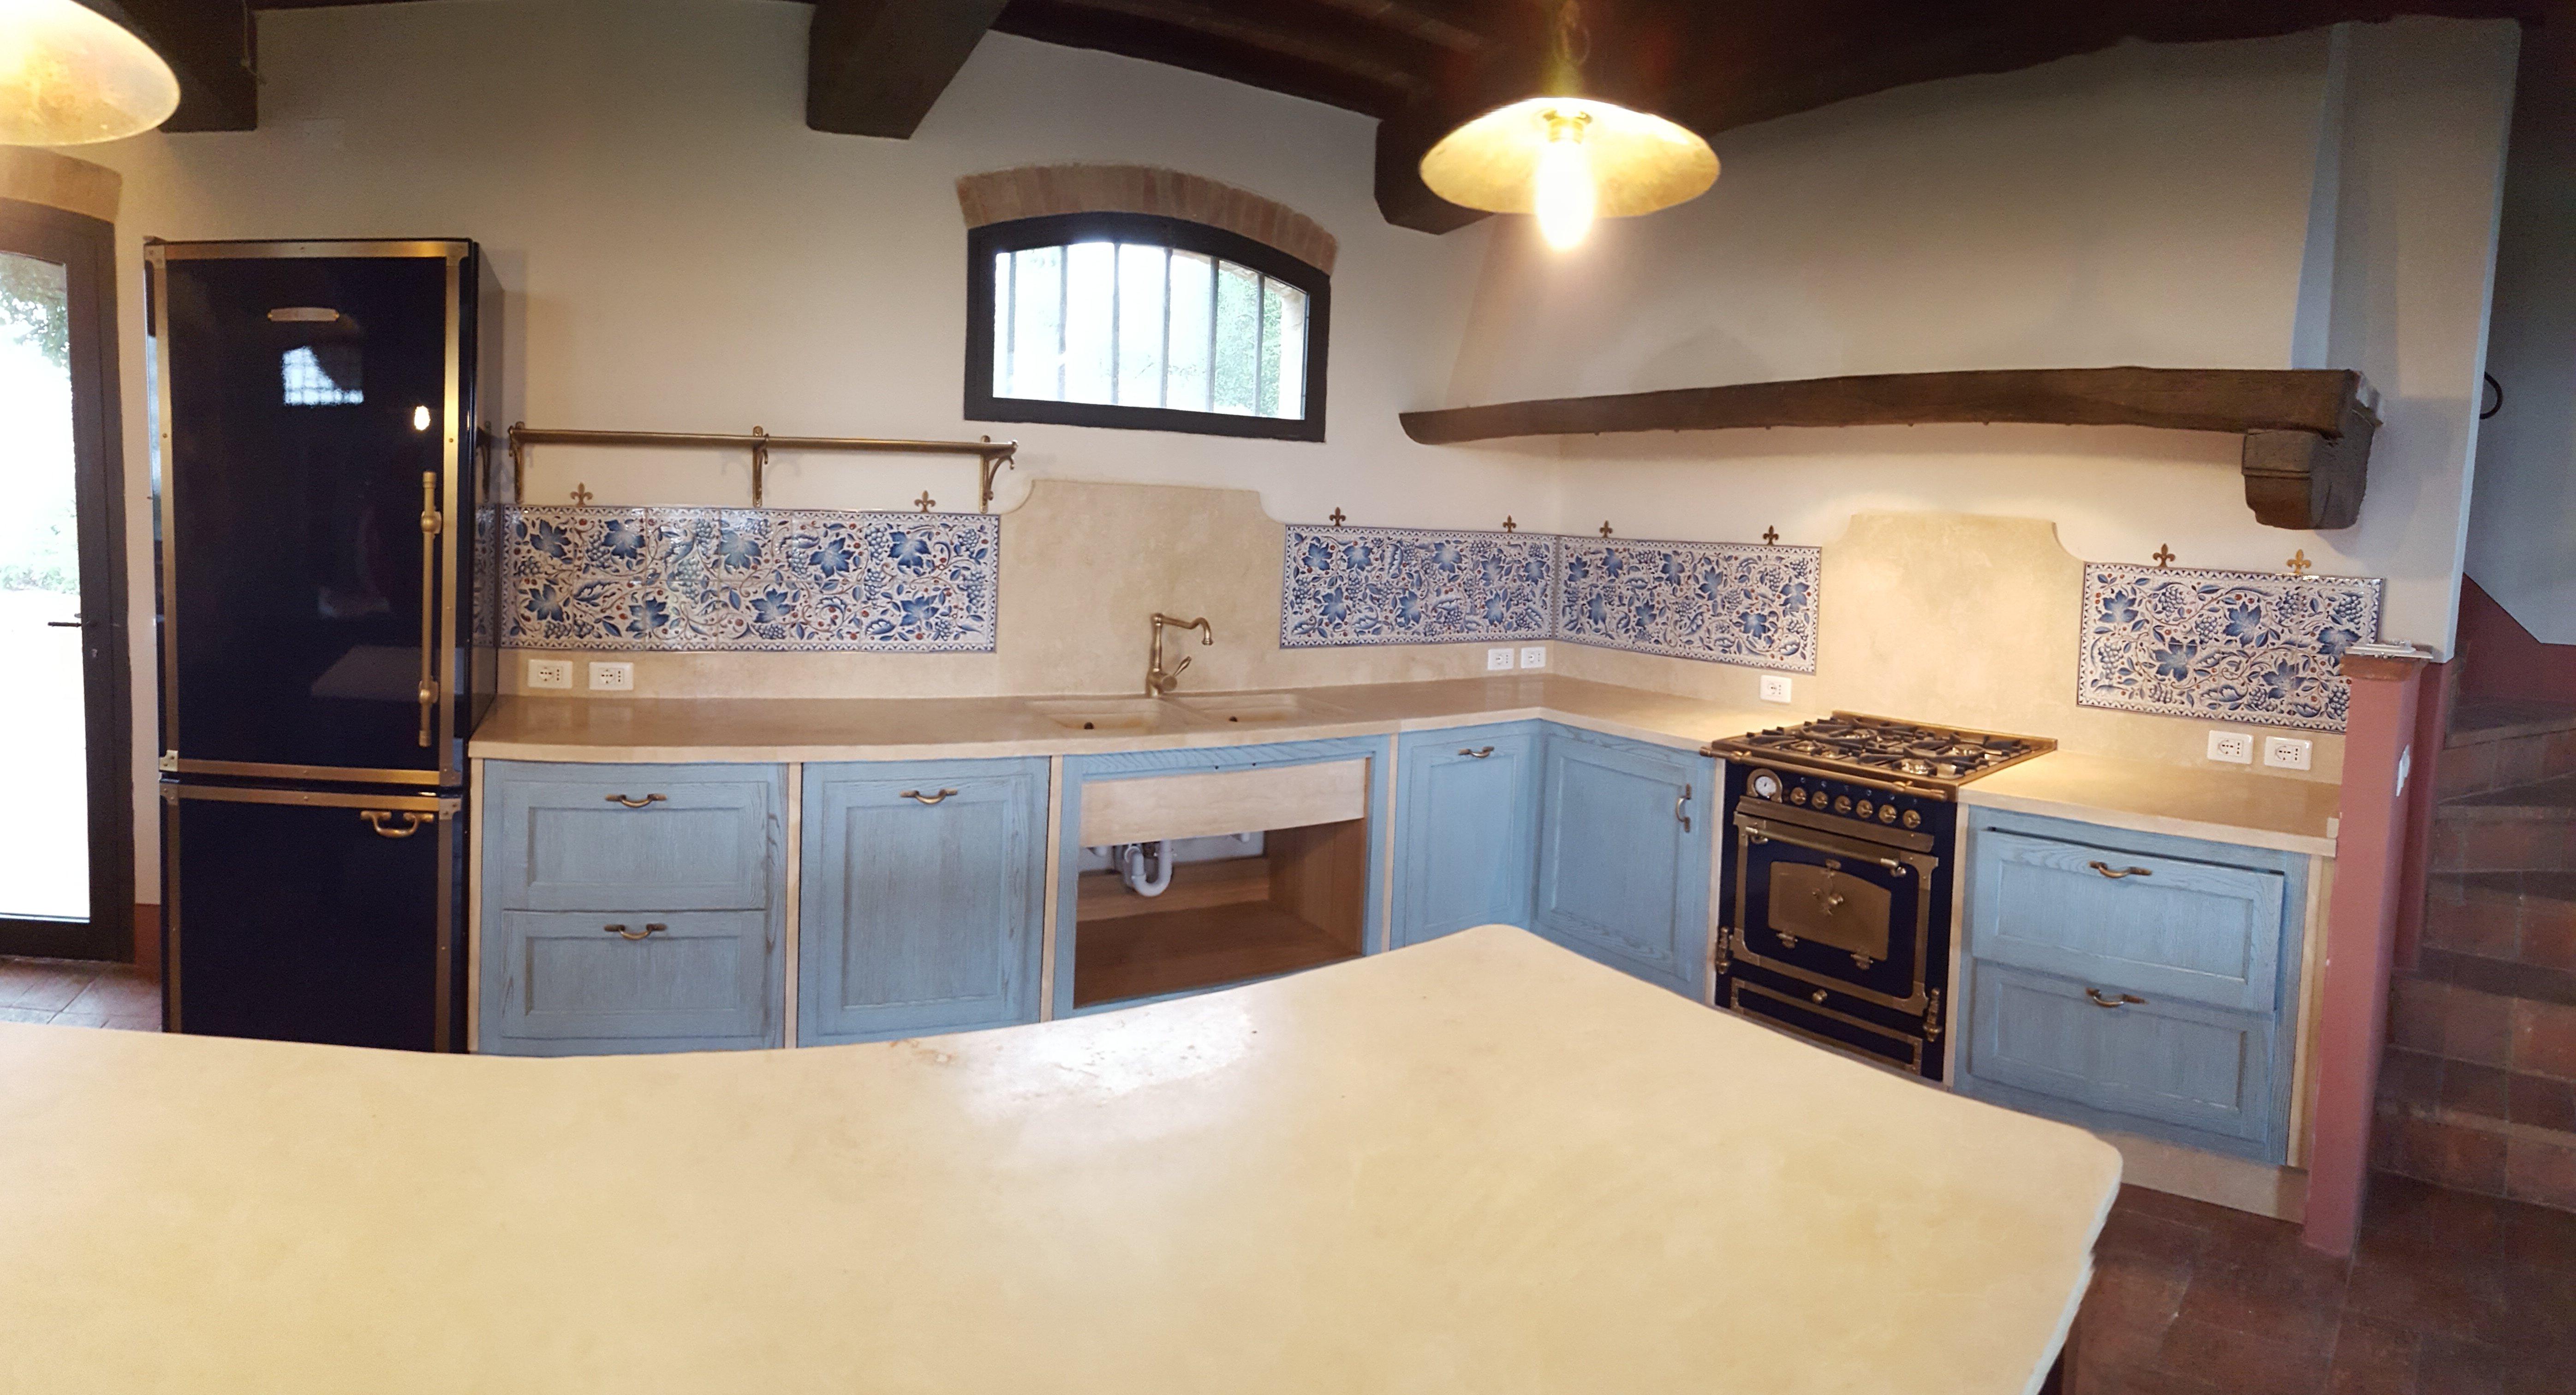 cucina con mobili azzurri e bianchi